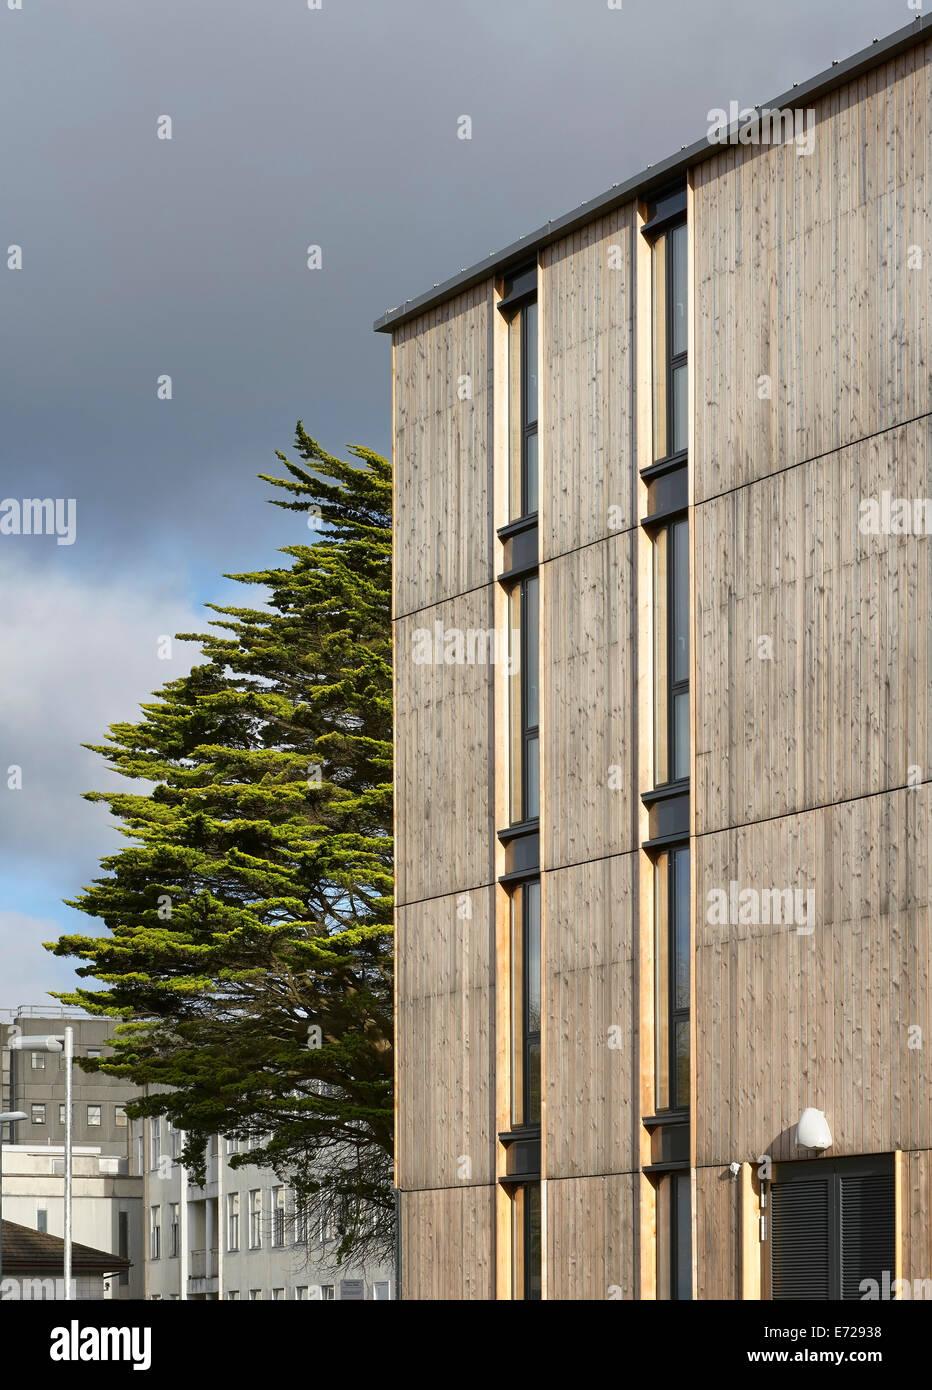 Truro Medical Residences Imágenes De Stock & Truro Medical ...